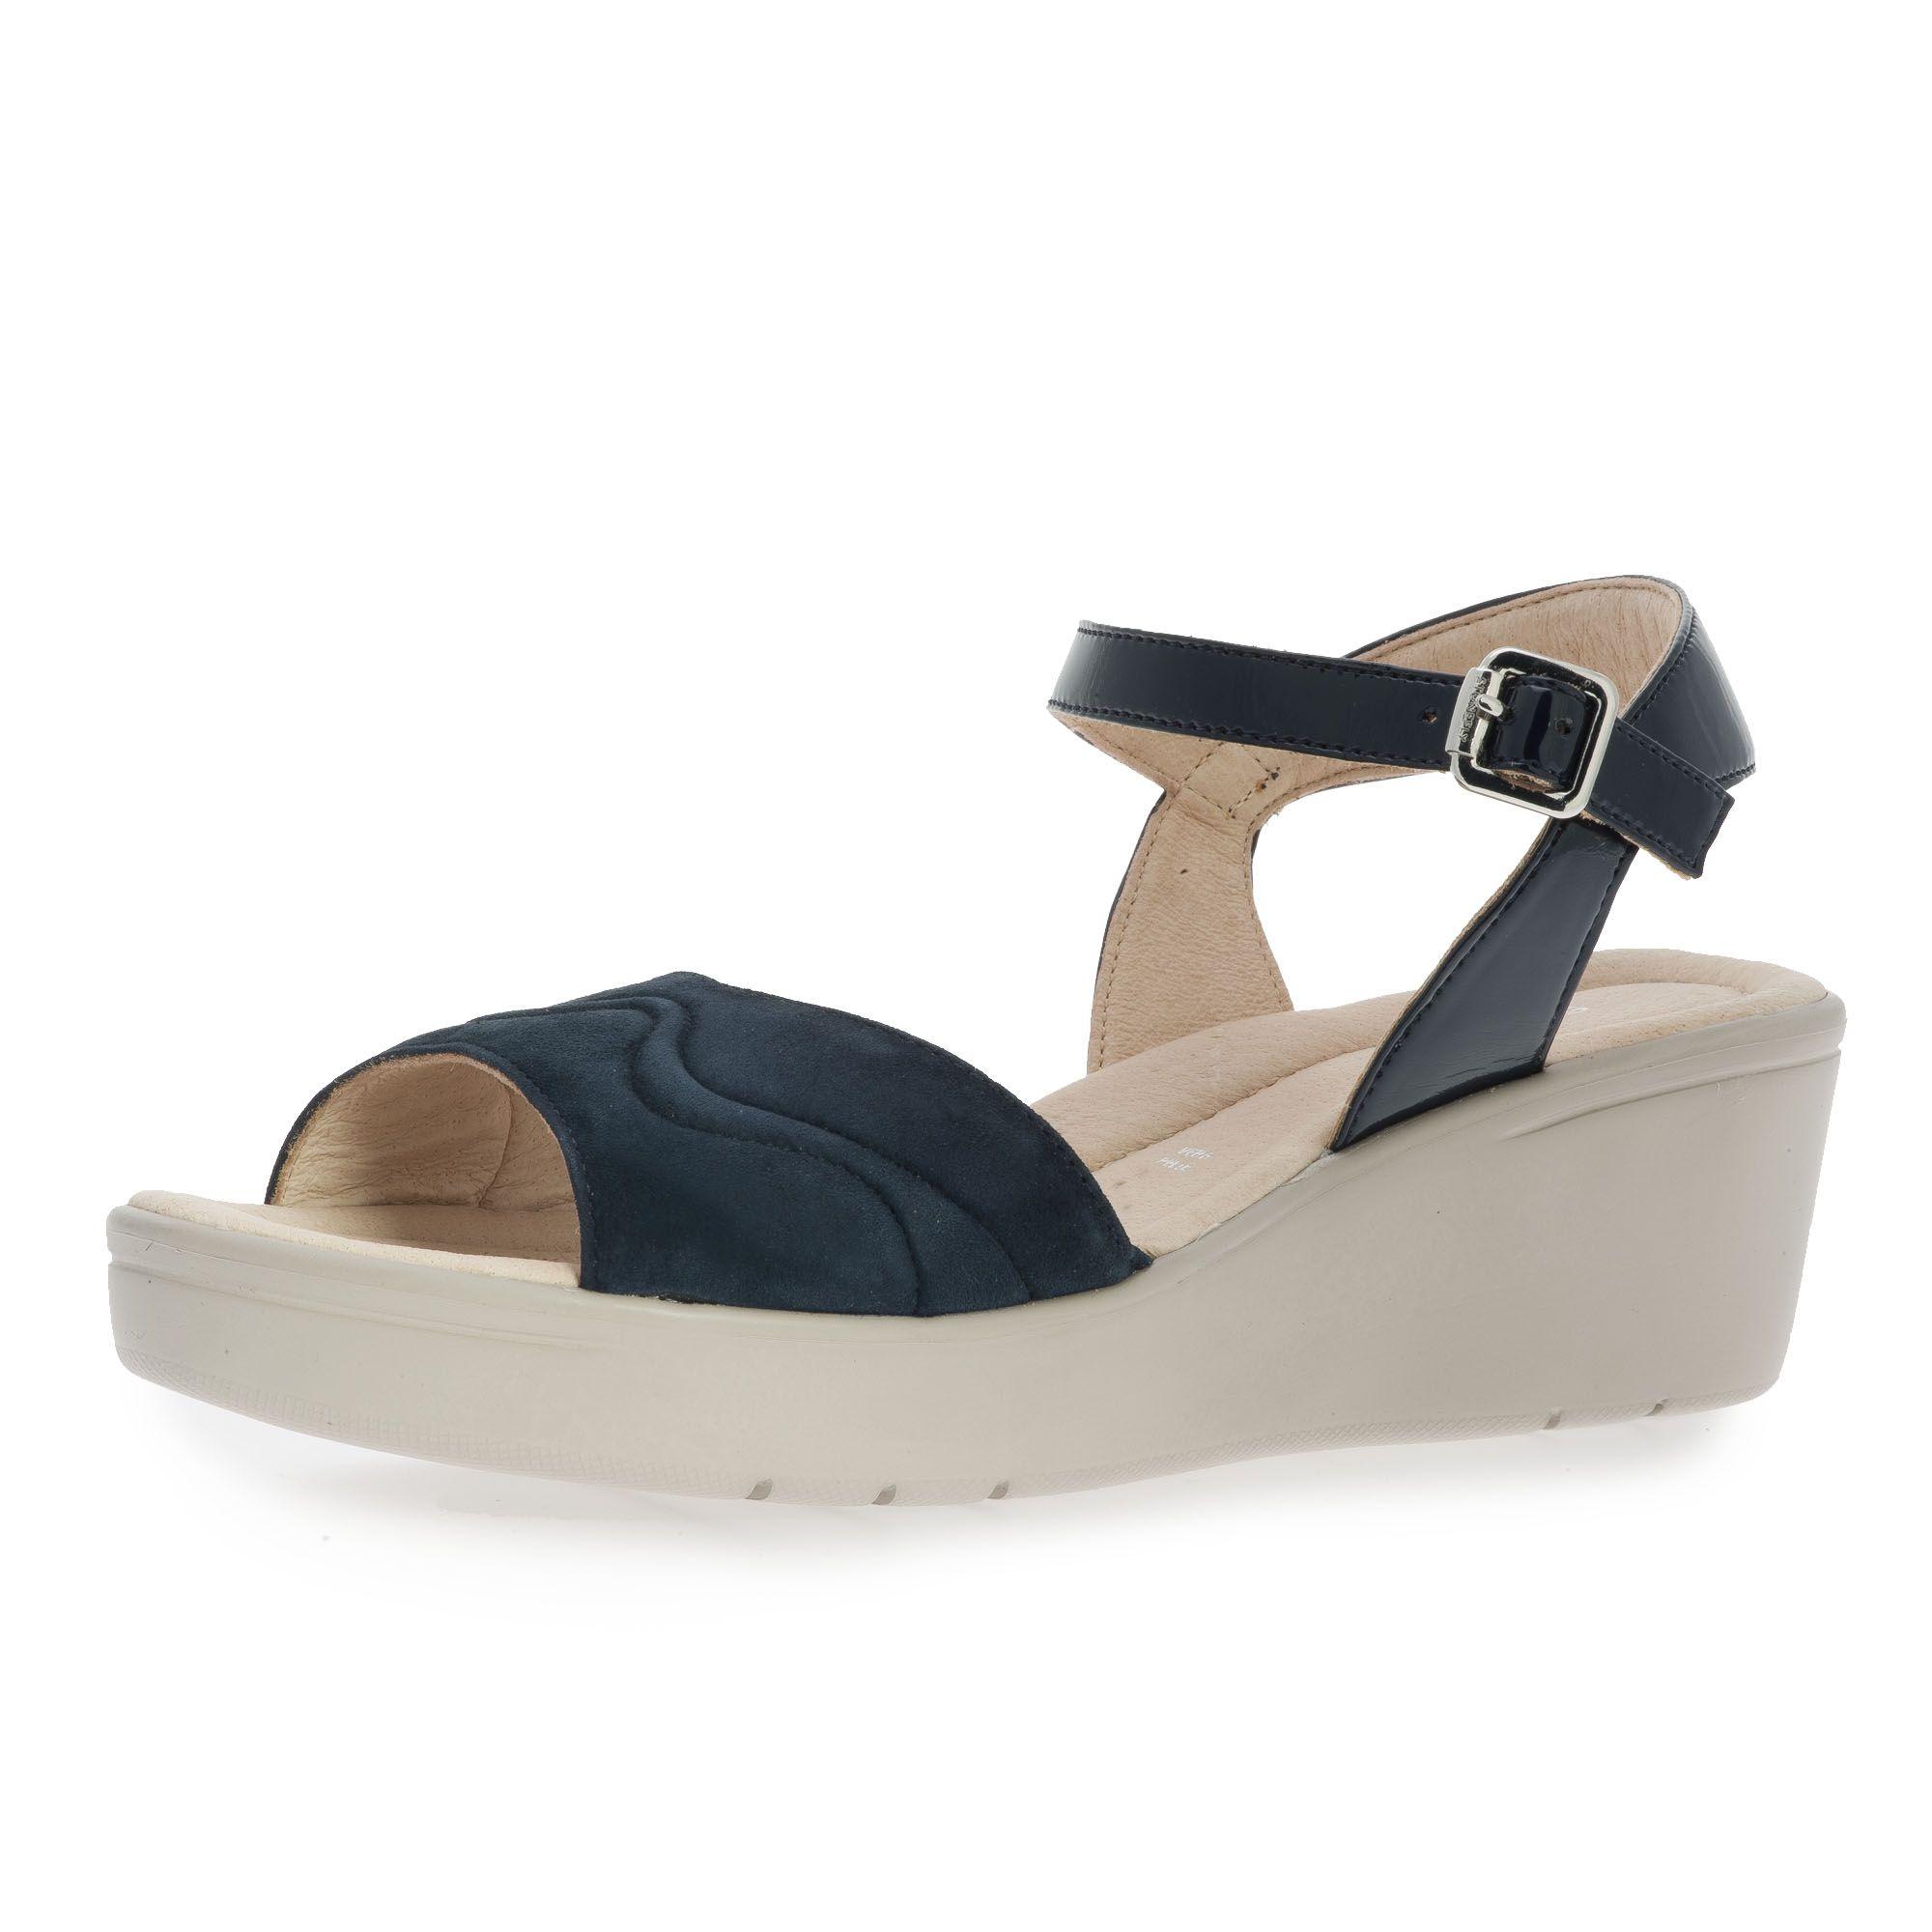 Sandalo in pelle con zeppa 5.5cm